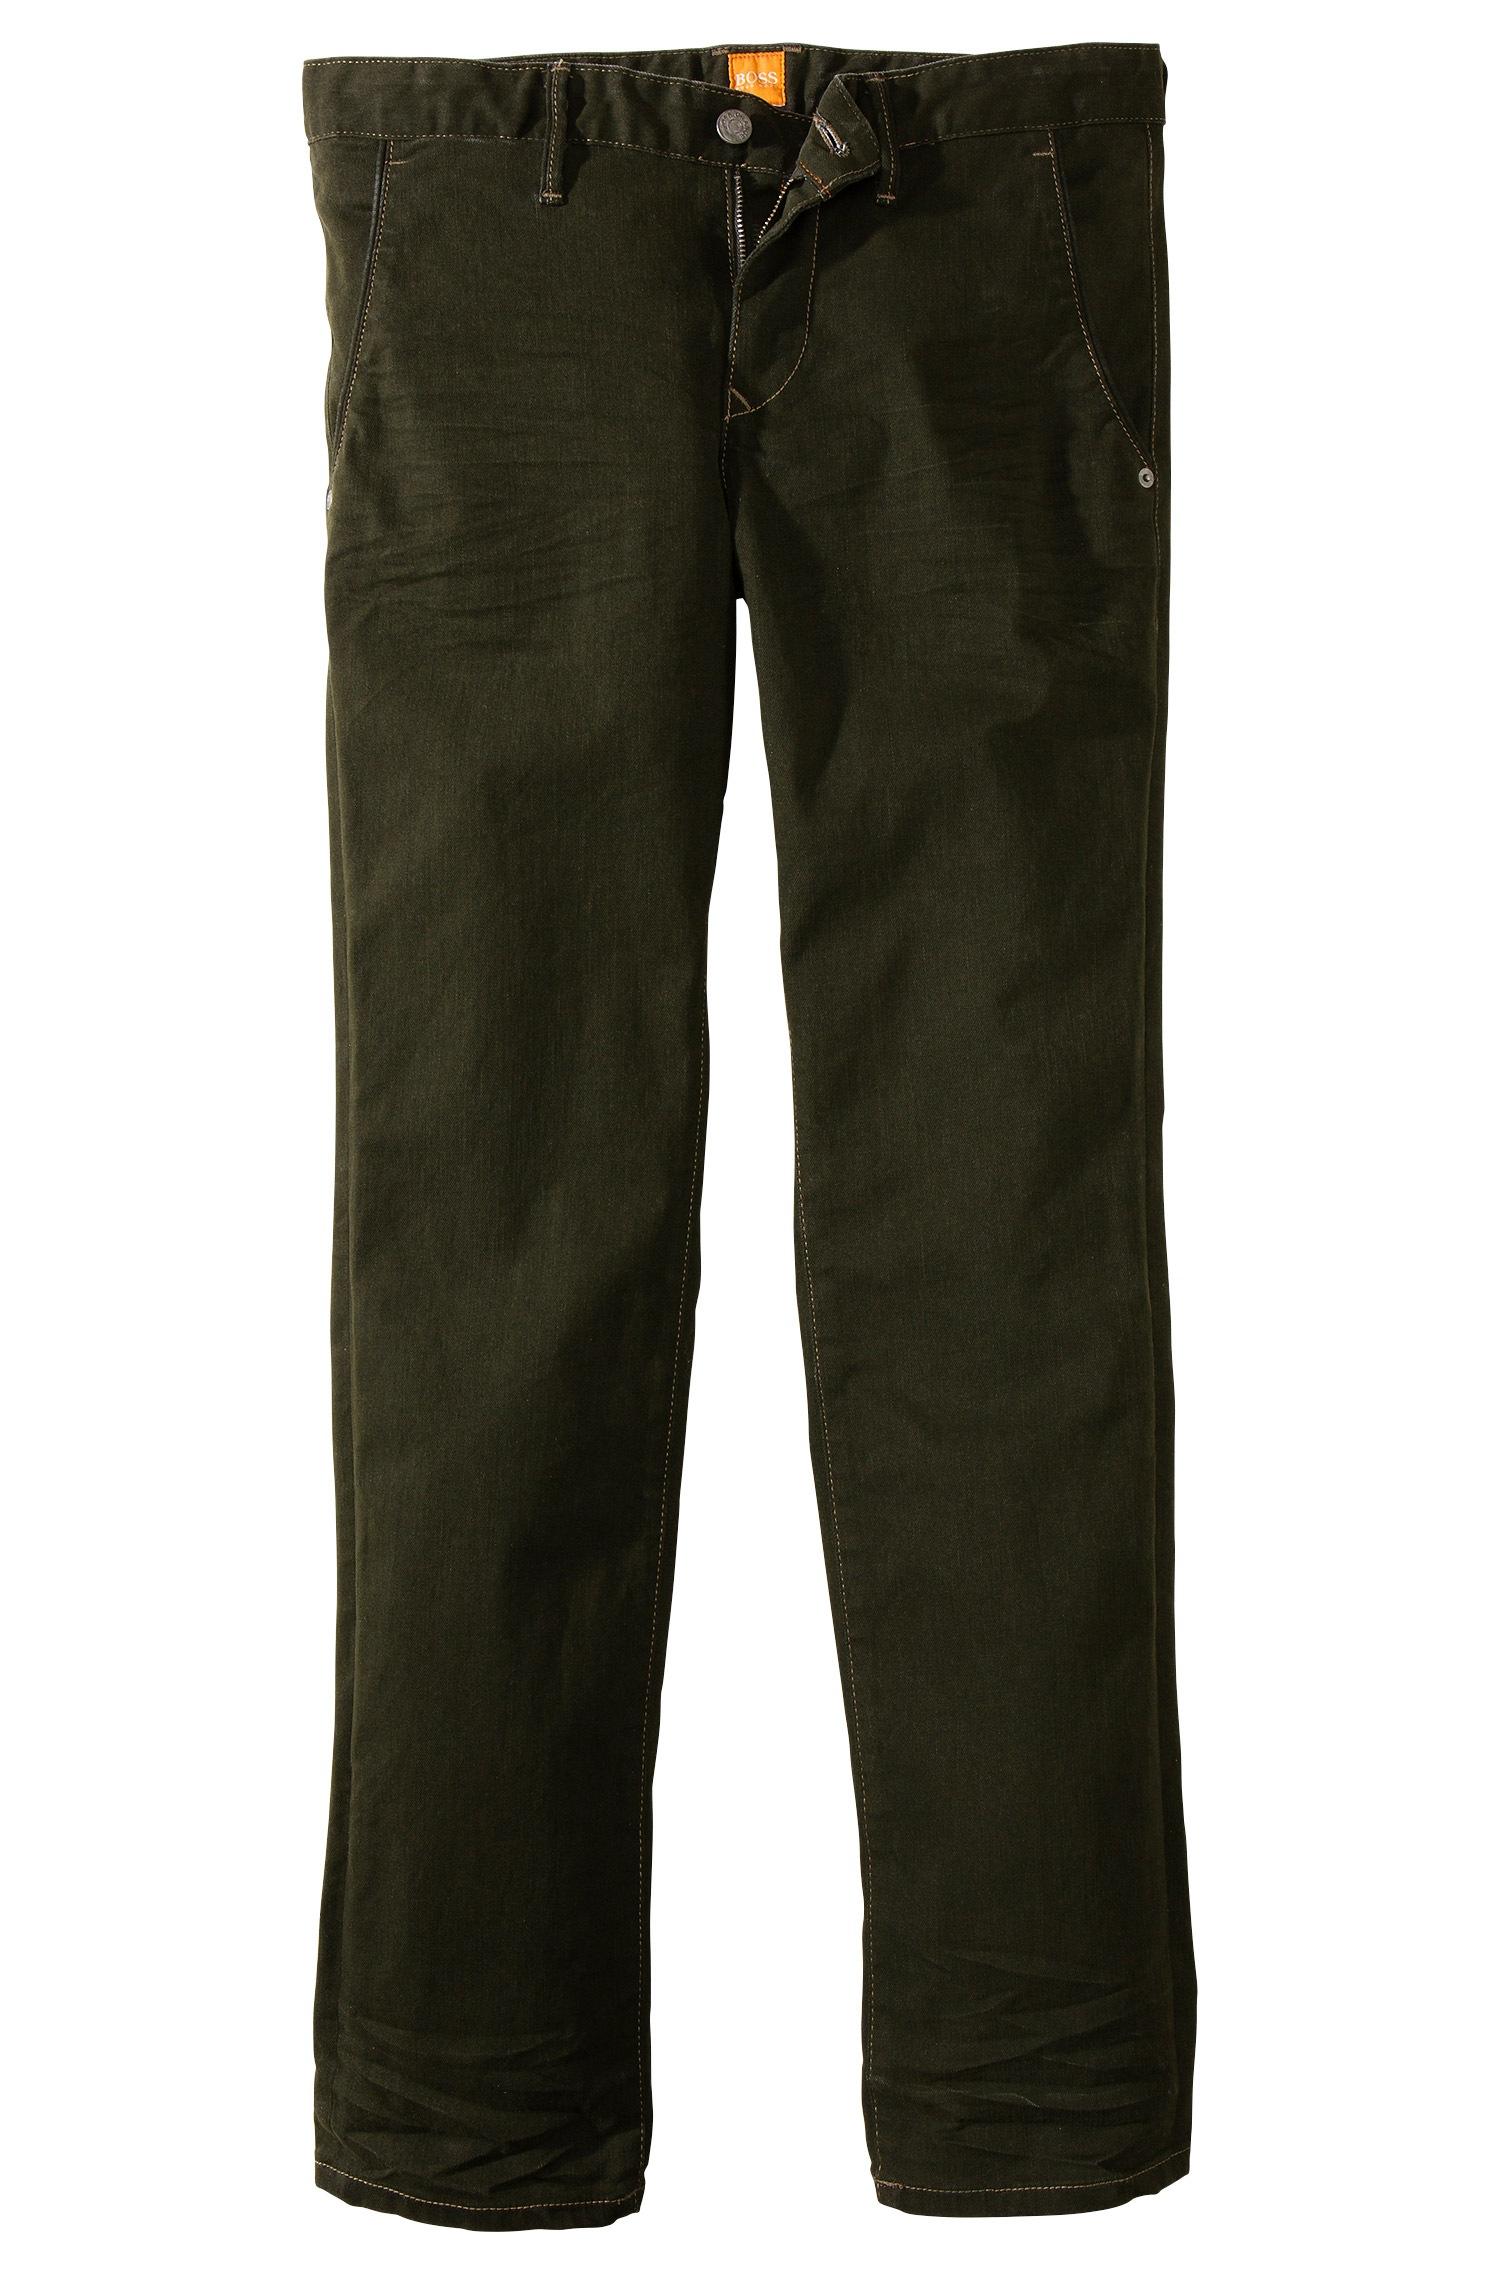 boss orange 39 orange 63 39 slim fit stretch cotton jeans. Black Bedroom Furniture Sets. Home Design Ideas